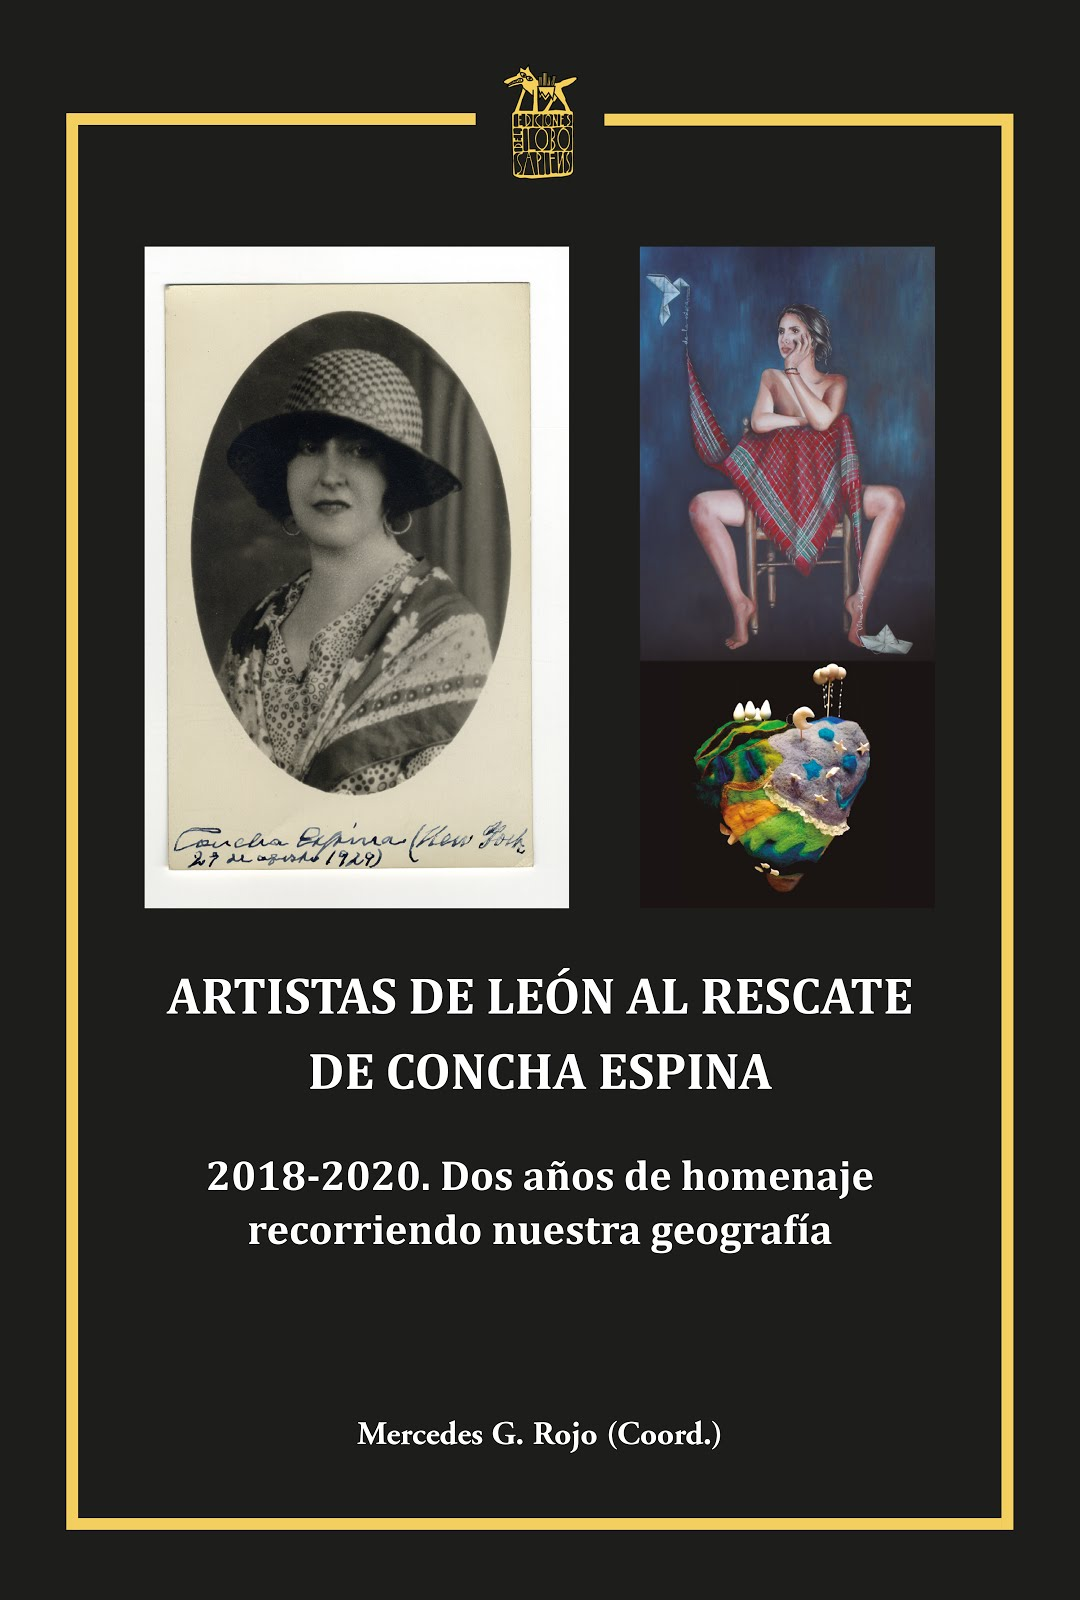 ARTISTAS DE LEÓN AL RESCATE DE CONCHA ESPINA